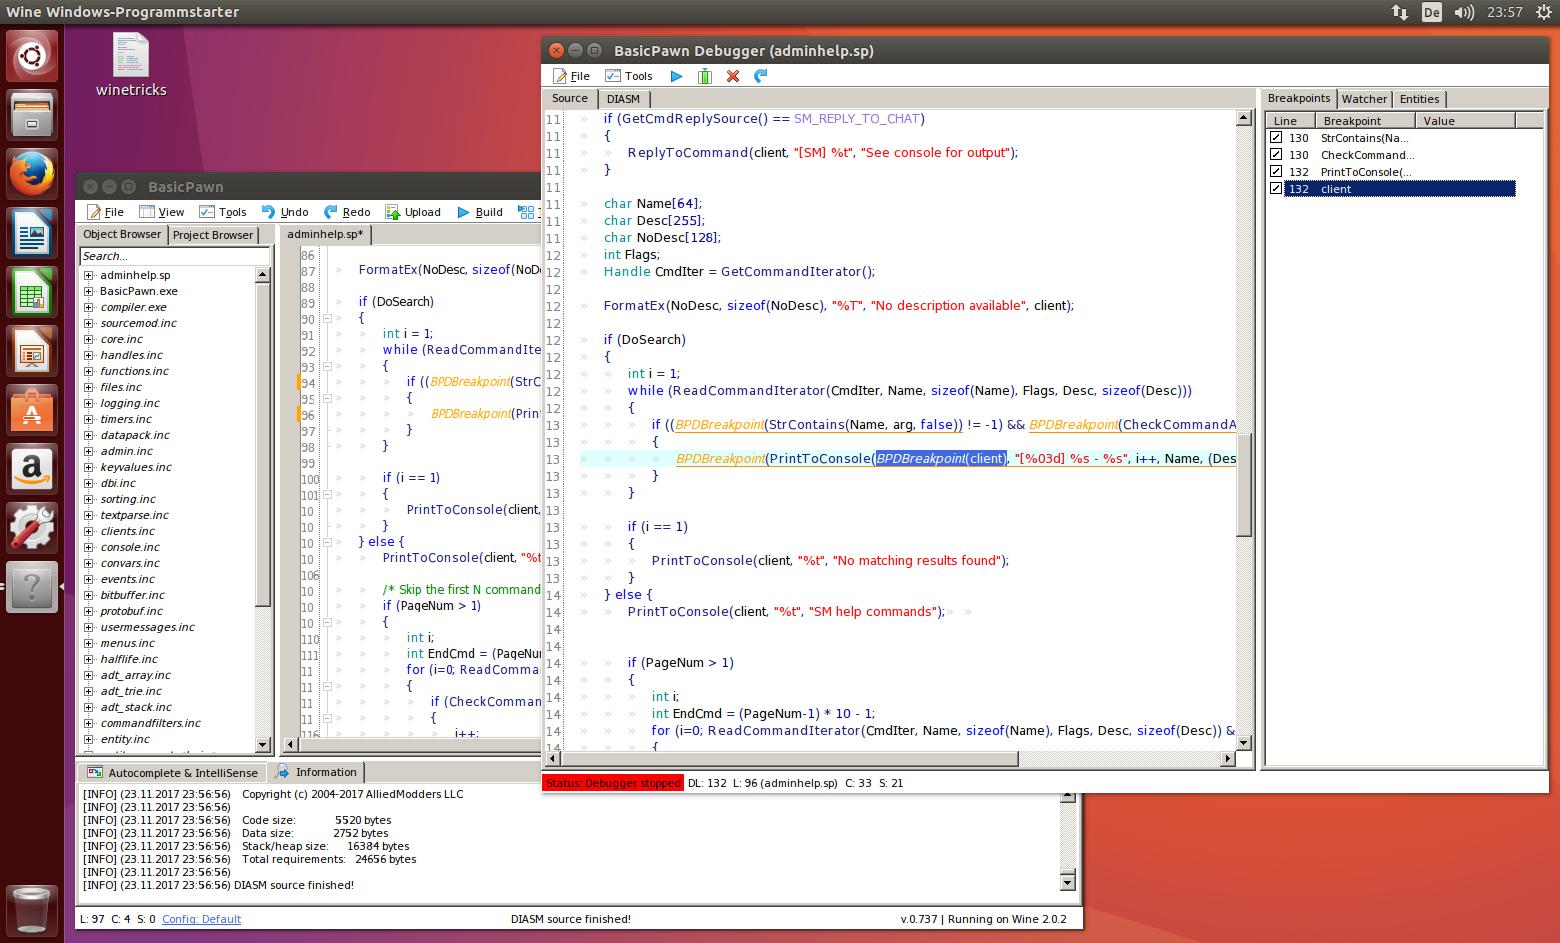 BasicPawn on Linux Ubuntu